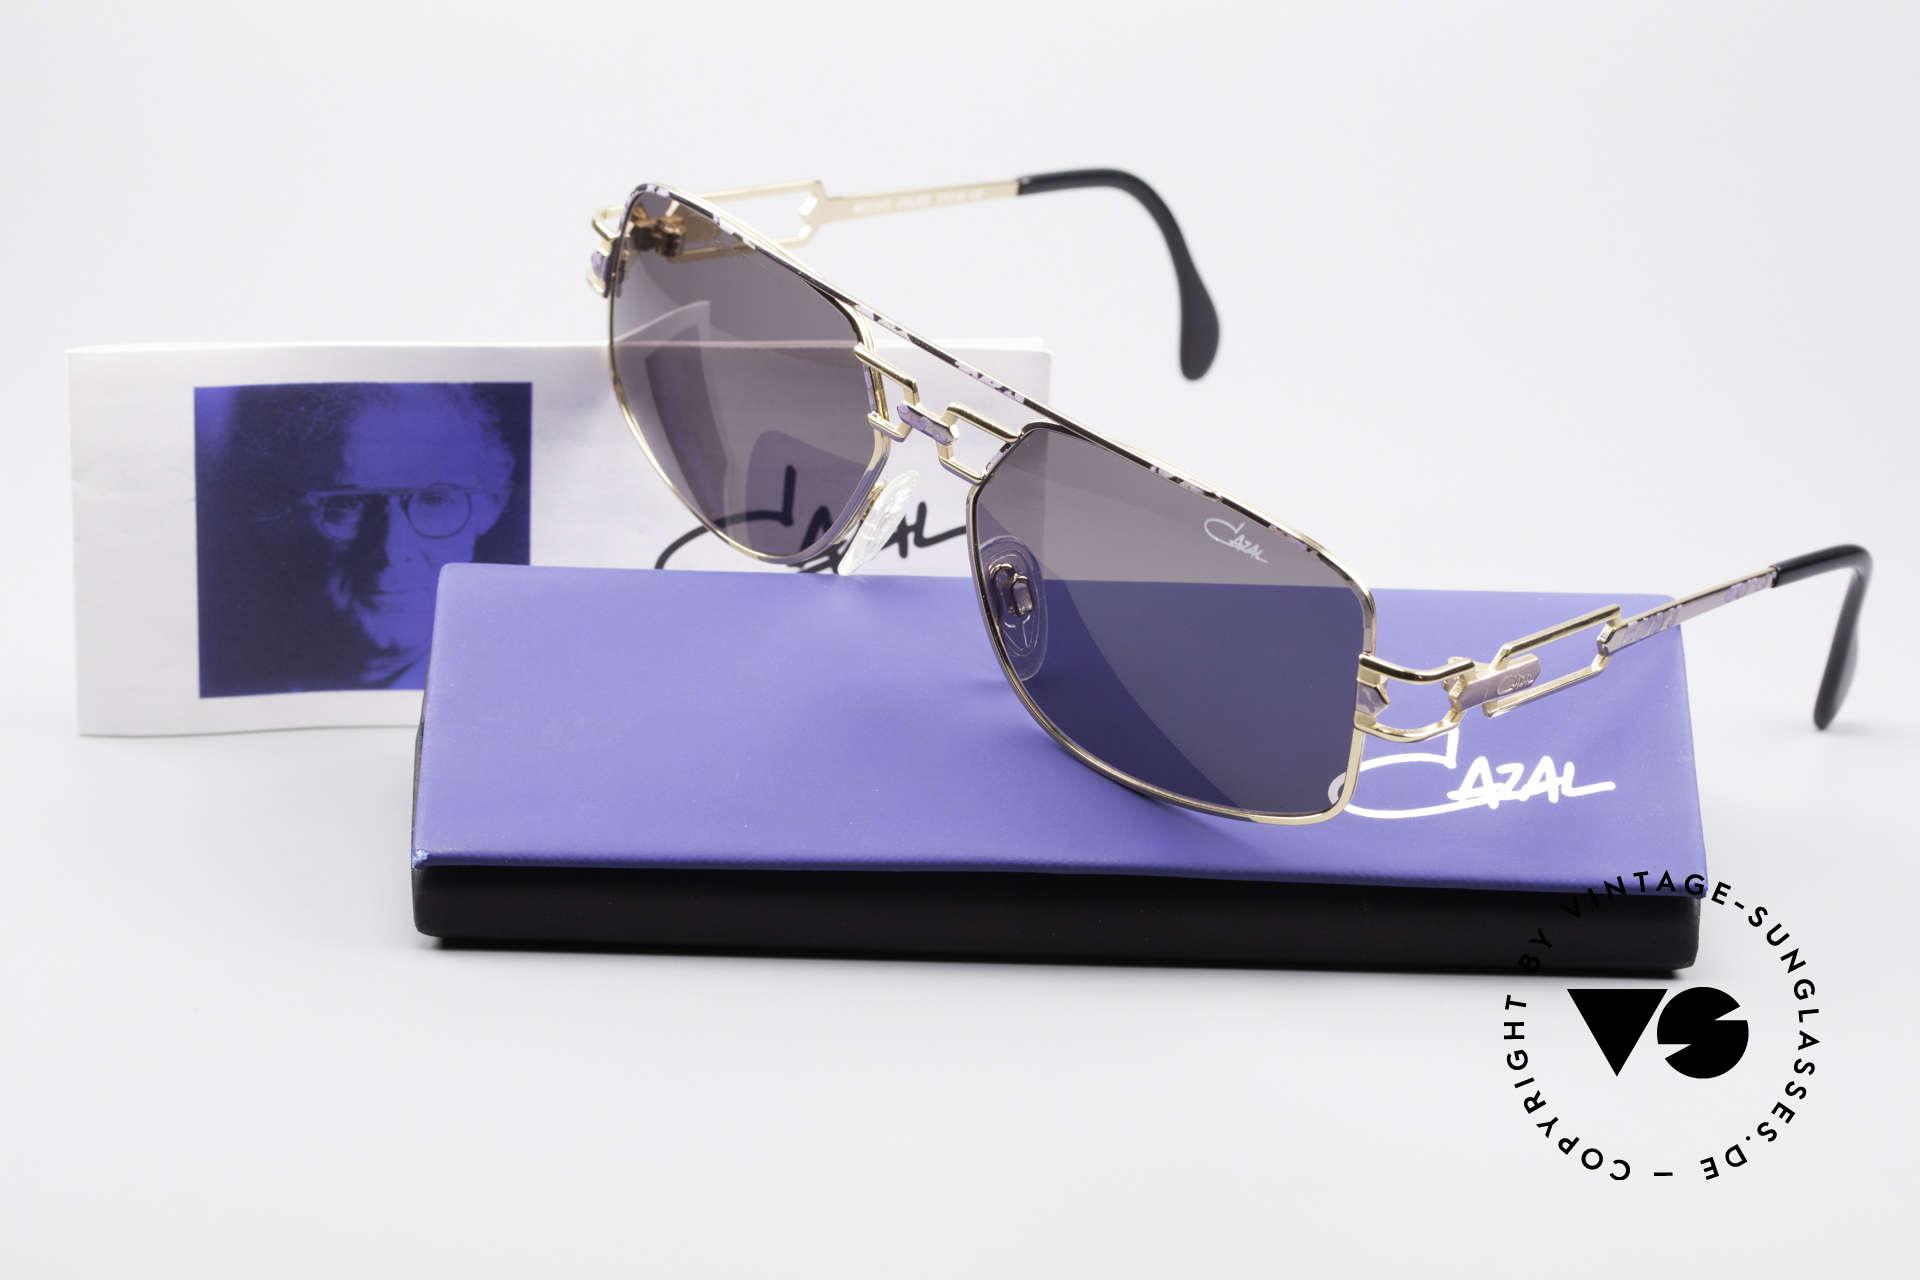 Cazal 972 True Vintage Brille No Retro, graue orig. CAZAL Sonnengläser für 100% UV Protection, Passend für Herren und Damen